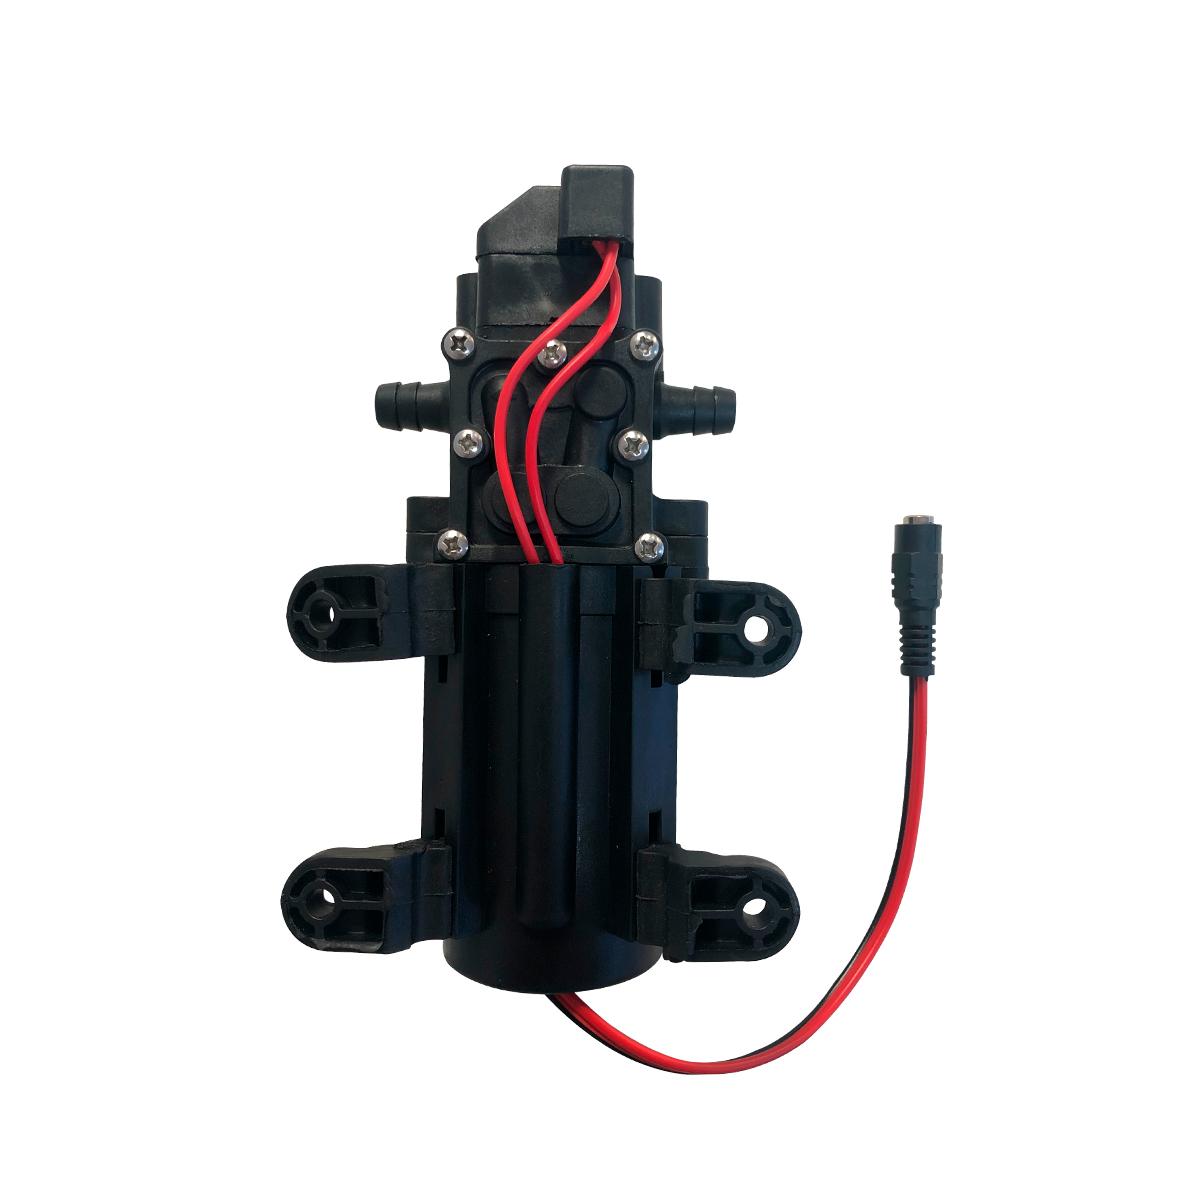 Bomba Diafragma 100 Psi + Fonte Alimentação + Plug Energia